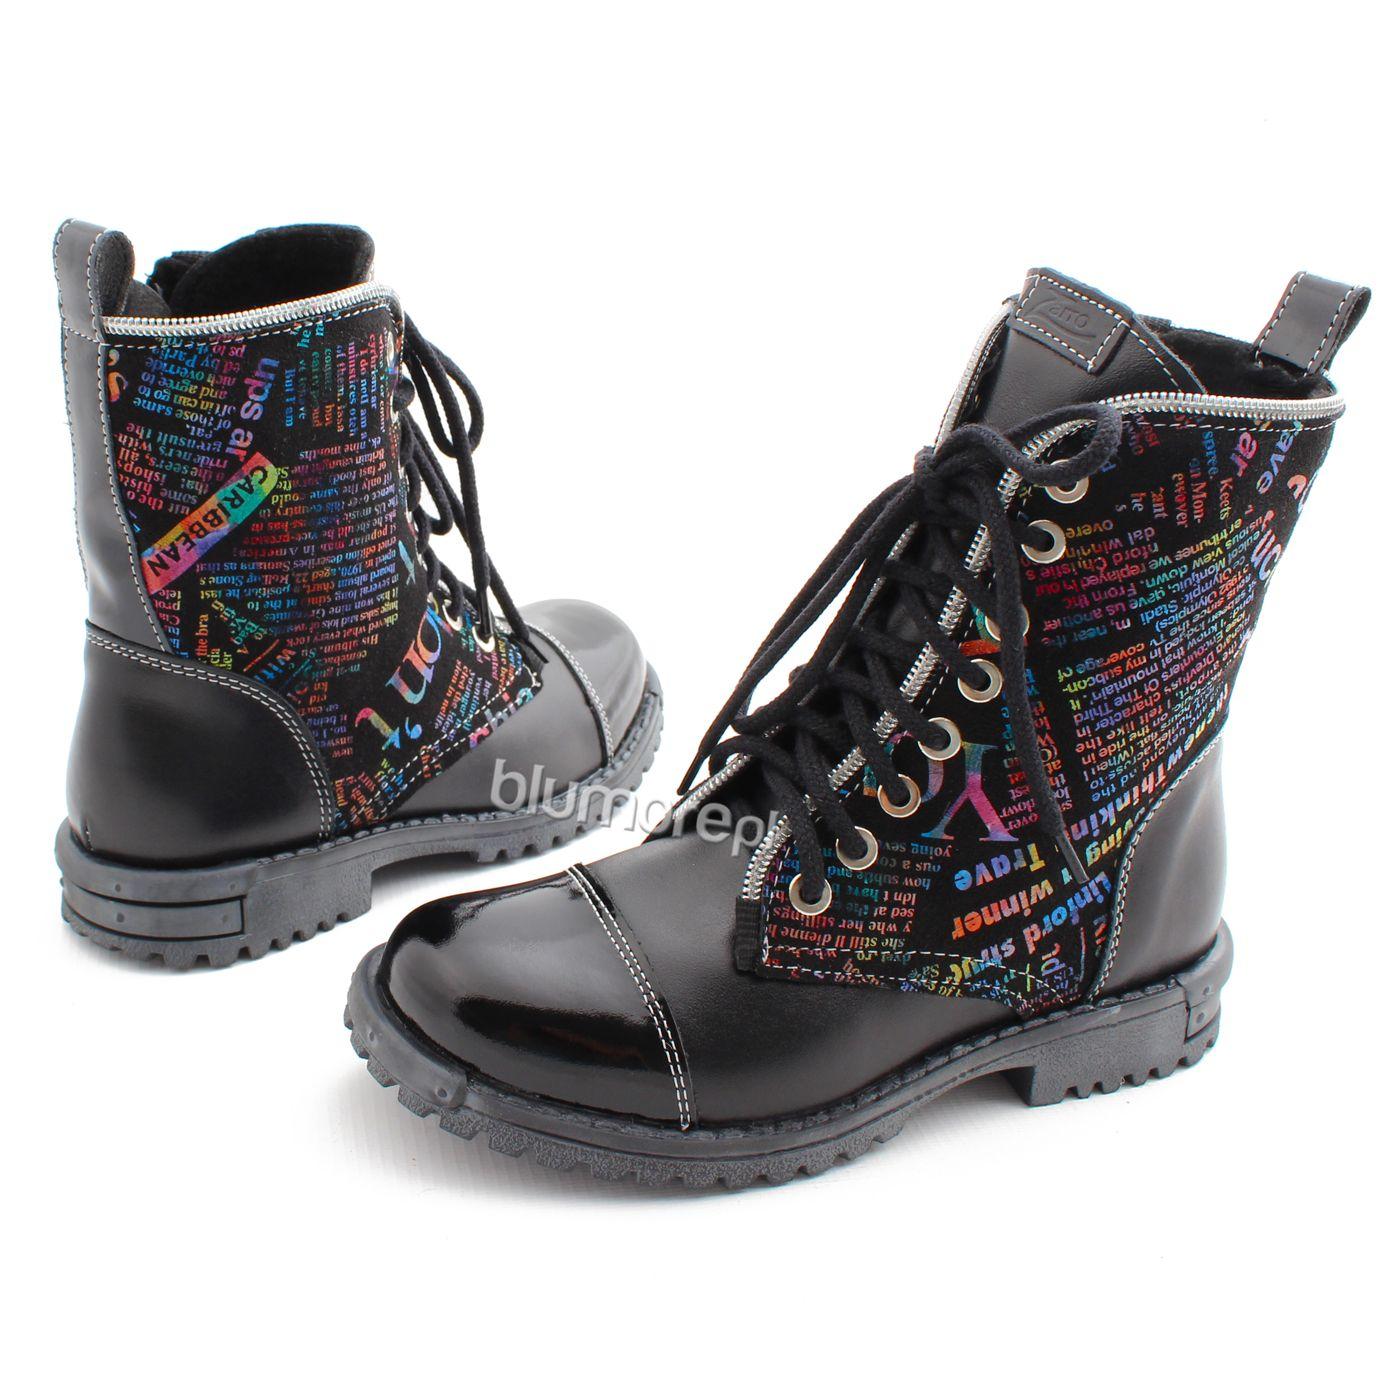 Mocne Trzewiki Ktore Skutecznie Ochronia Stopke Twojego Dziecka I Zapewnia Komfort Podczas Chlodnych Porankow I Popoludniowych Spacero Boots Winter Boot Shoes